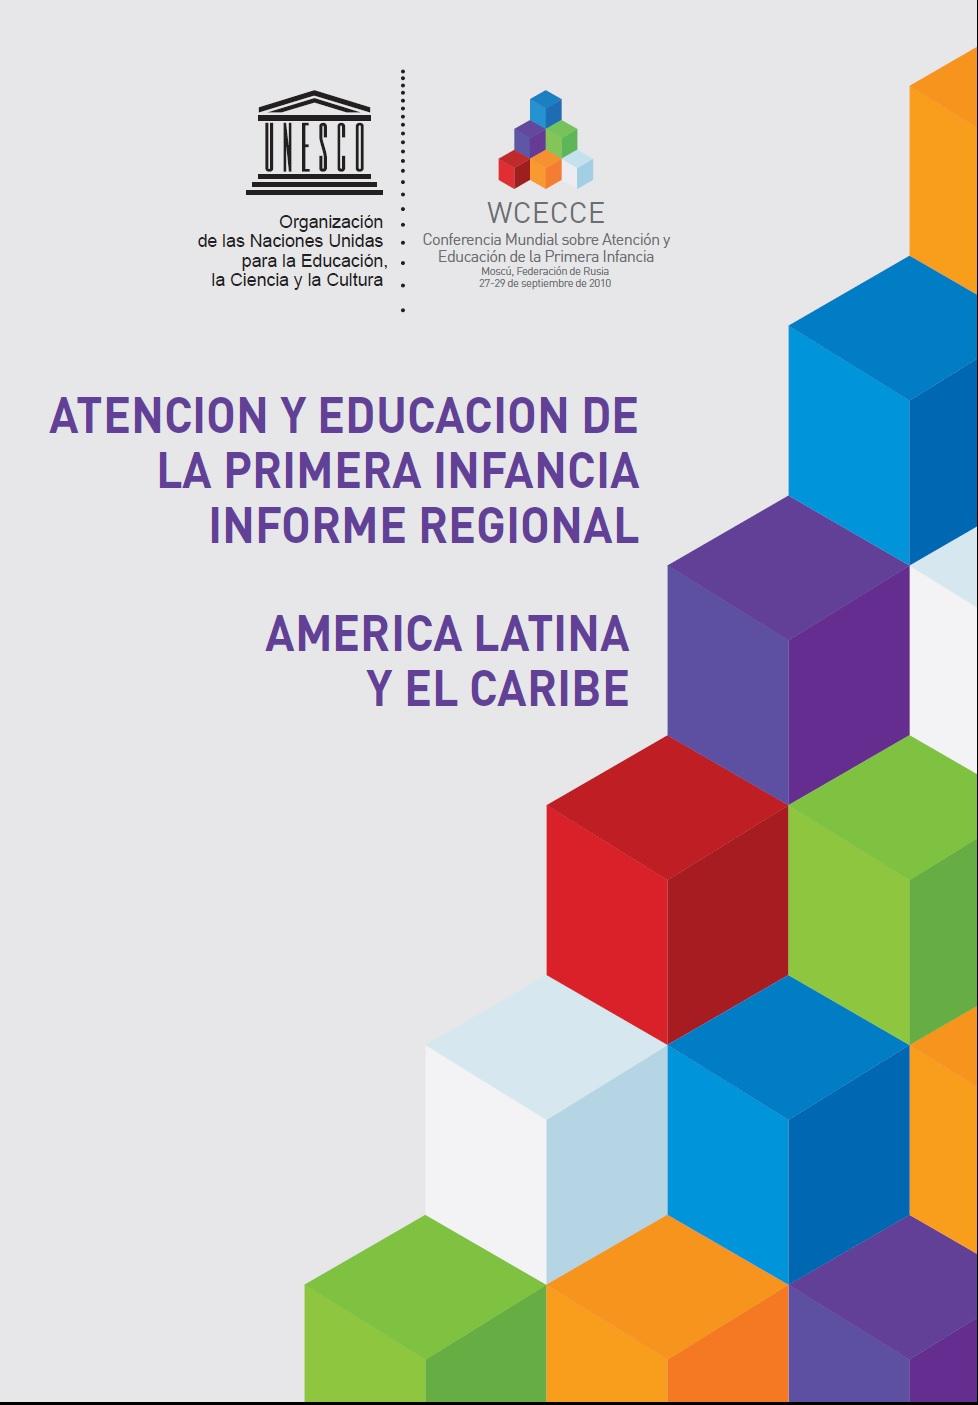 Atención y educación de la primera infancia: informe regional América Latina y el Caribe